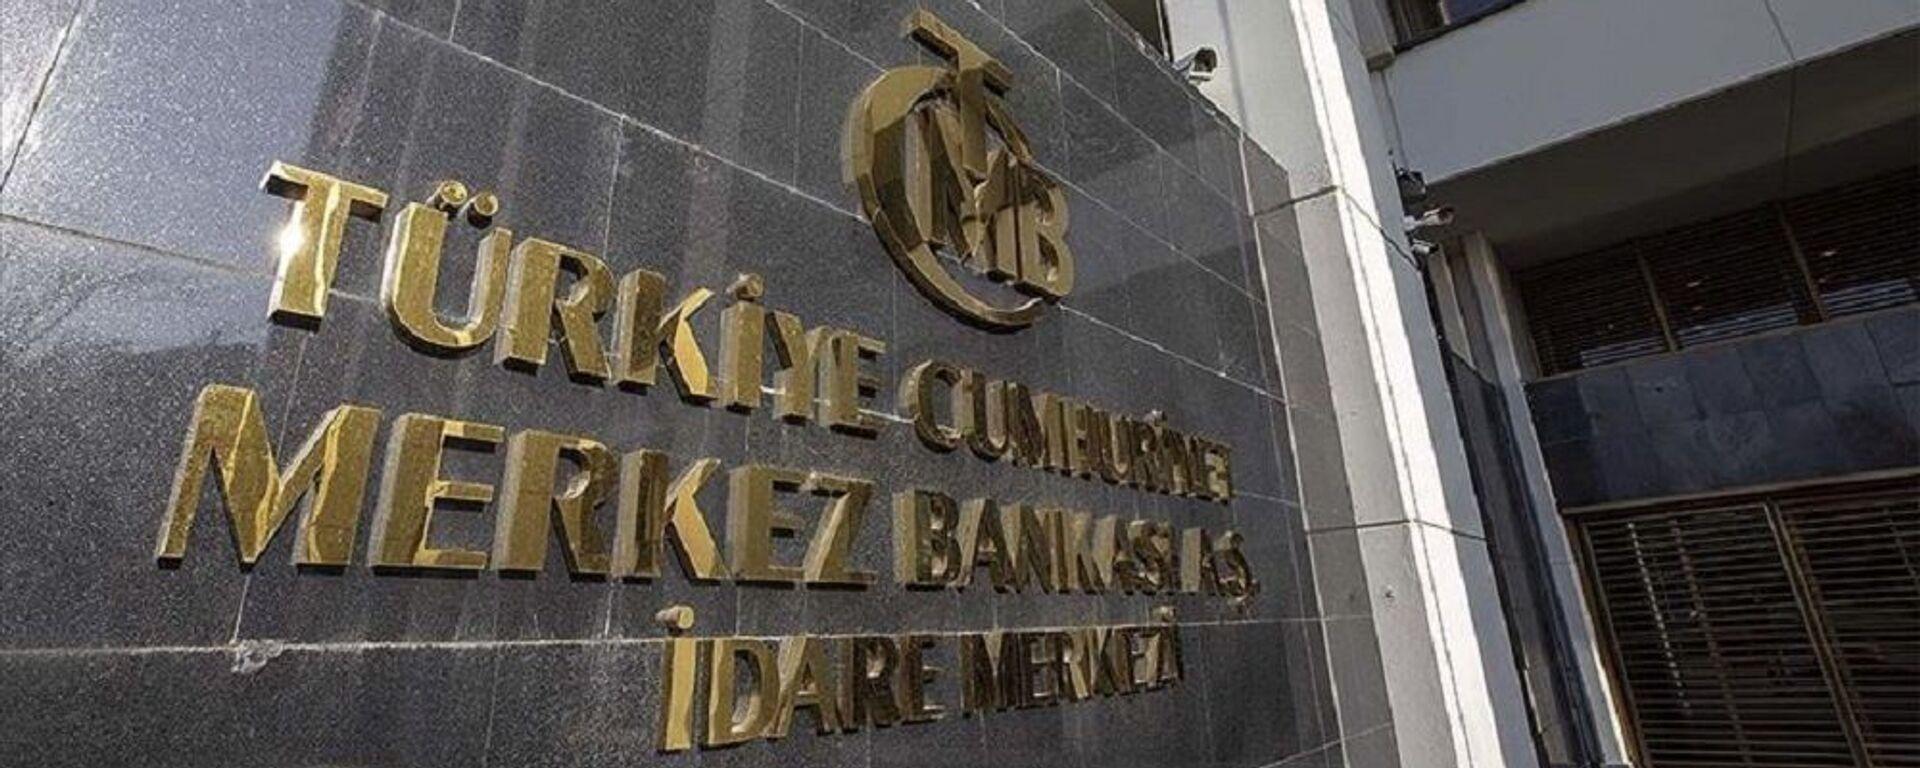 Merkez Bankası, TCMB - Sputnik Türkiye, 1920, 02.02.2021